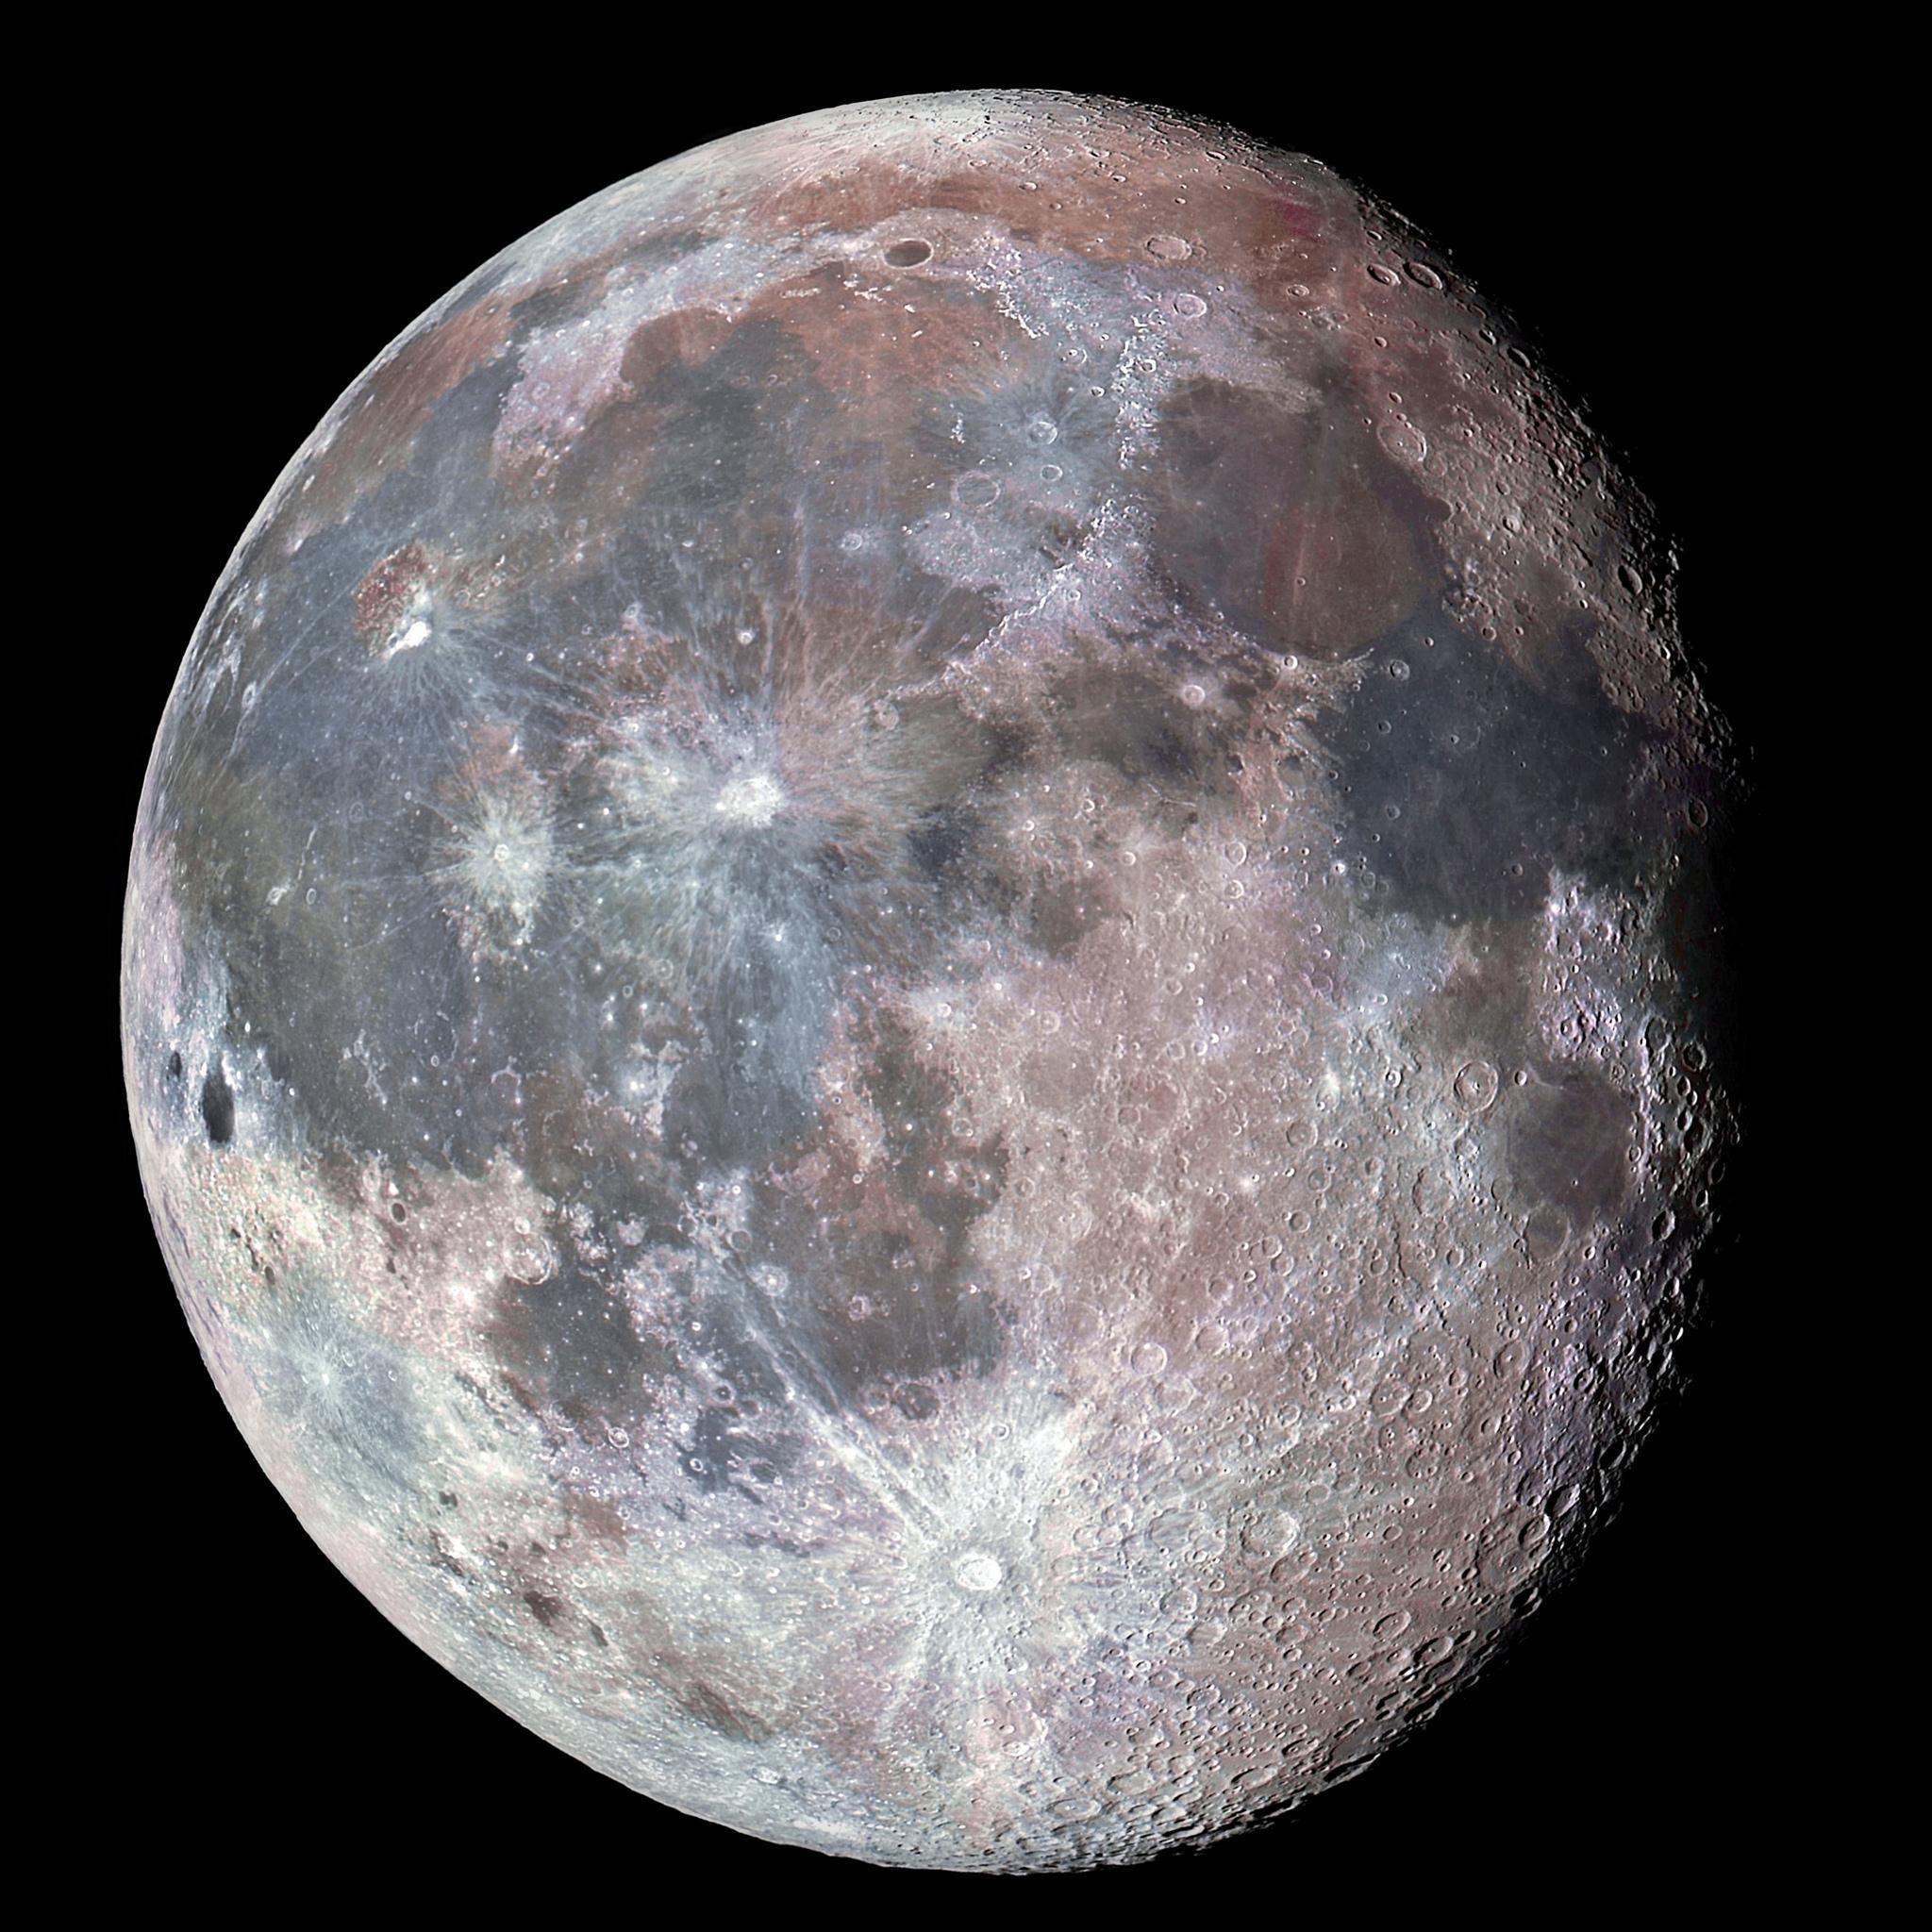 Луна, скорее всего, раньше была частью Земли.